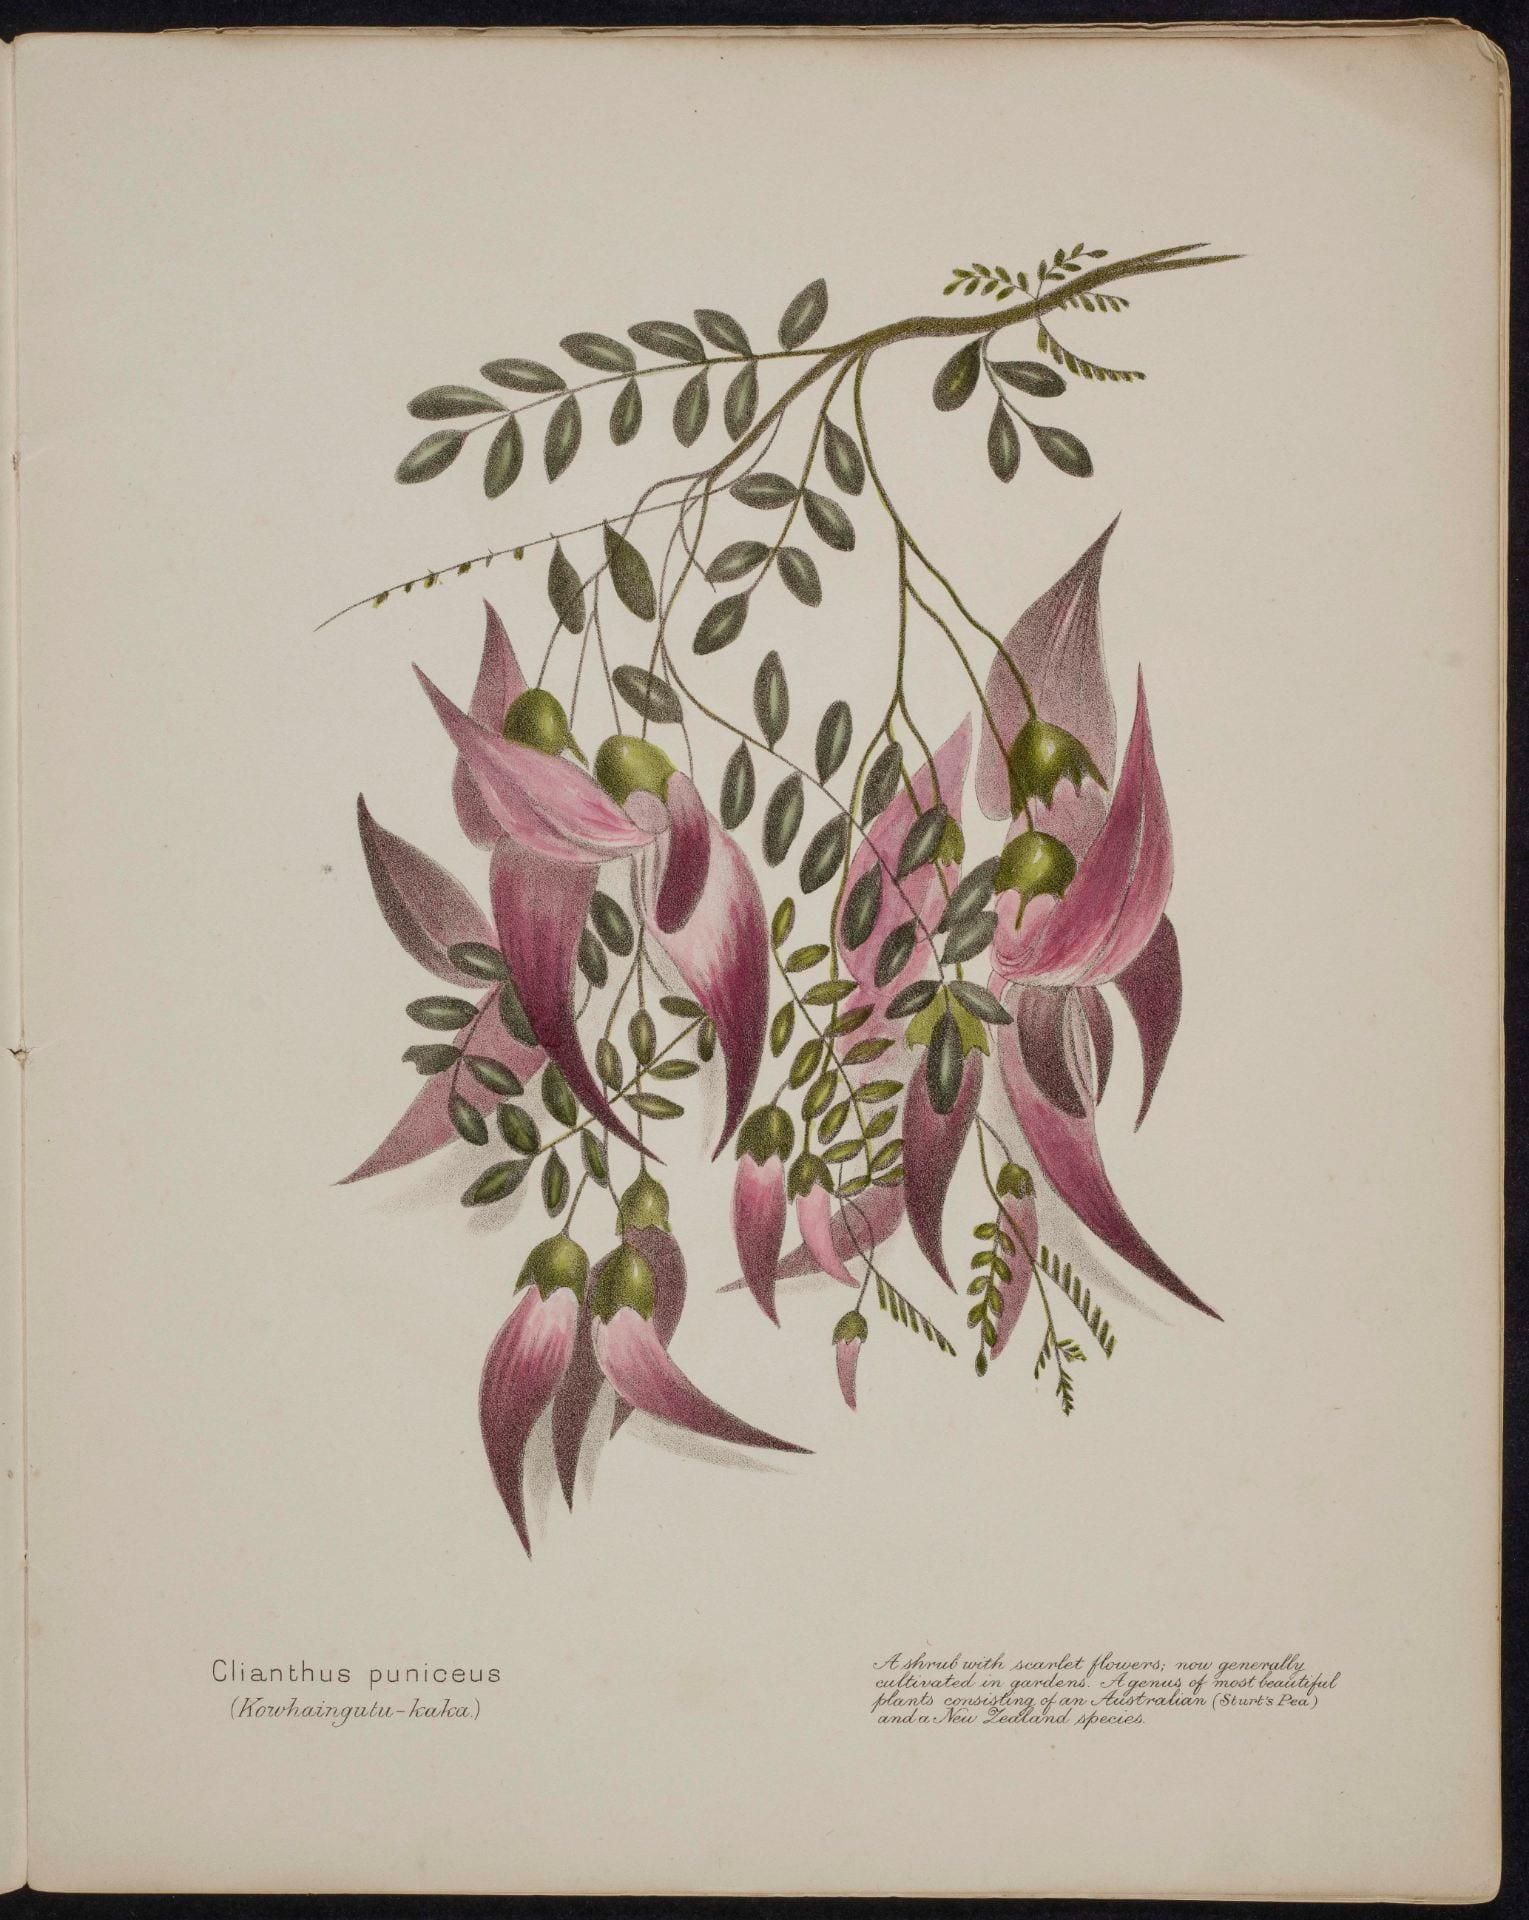 Clianthus puniceus Kowhaingutu-kaka